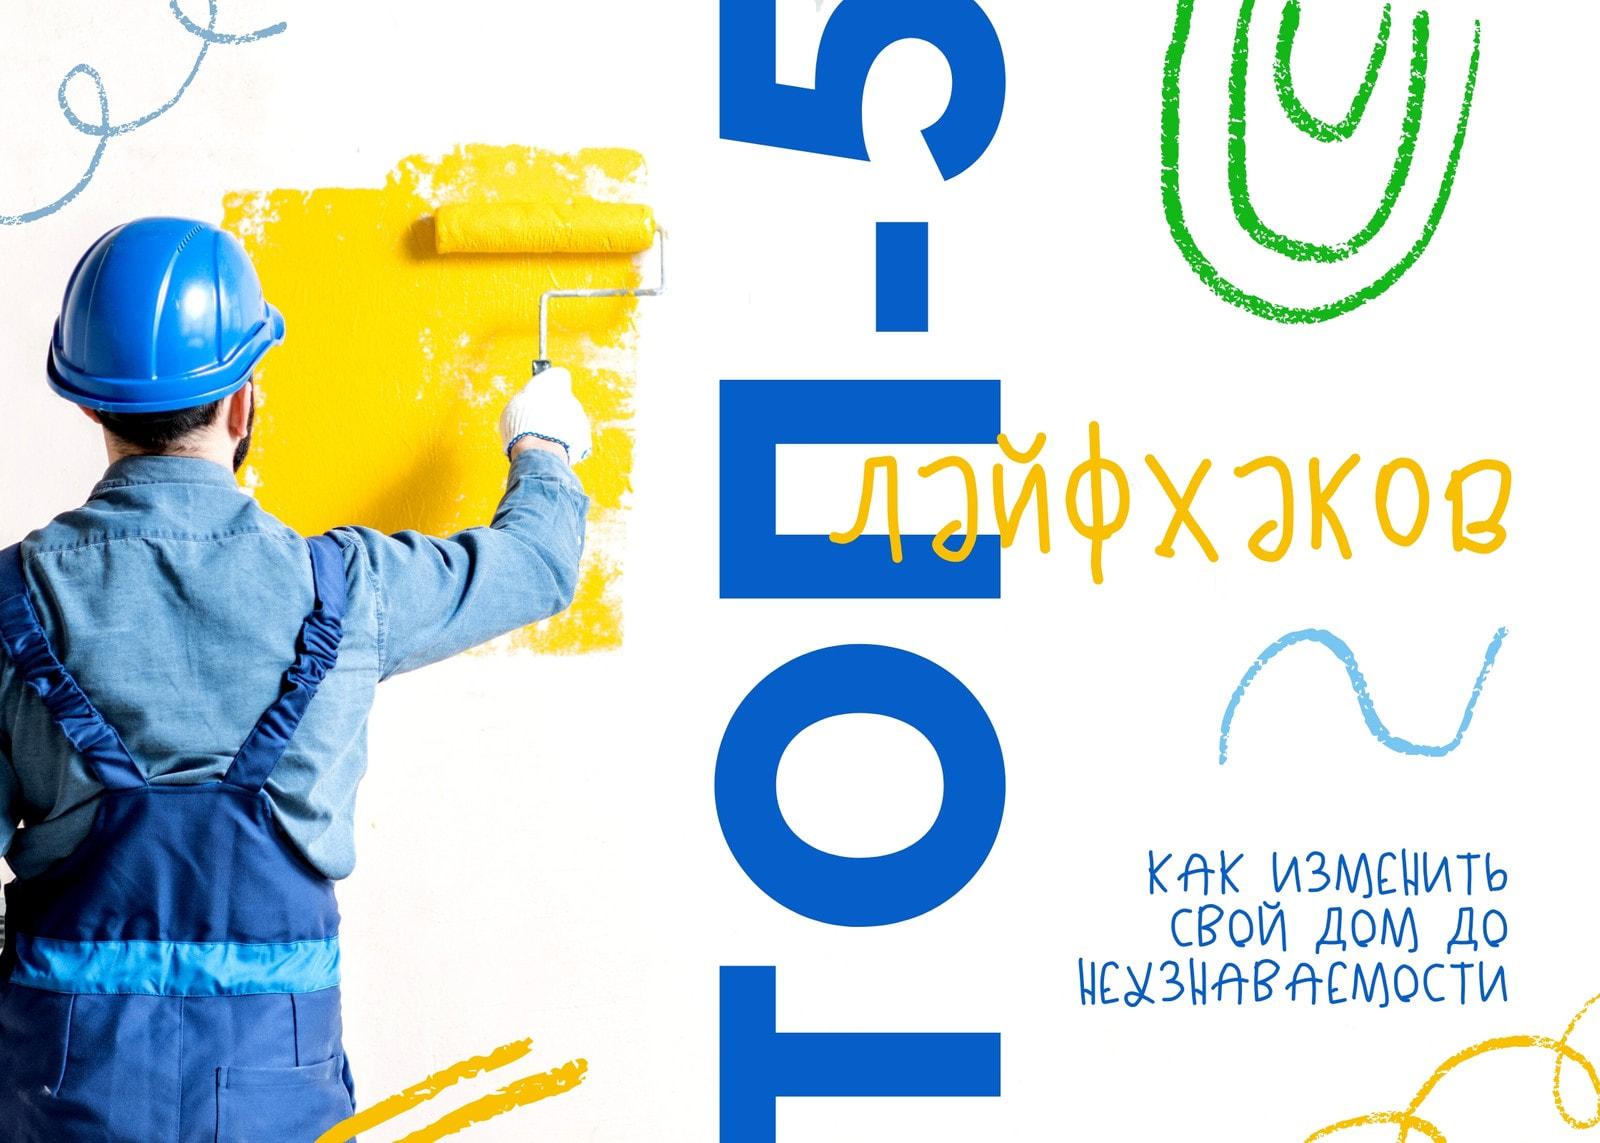 Белая, синяя и желтая публикация в ВК о ремонте дома